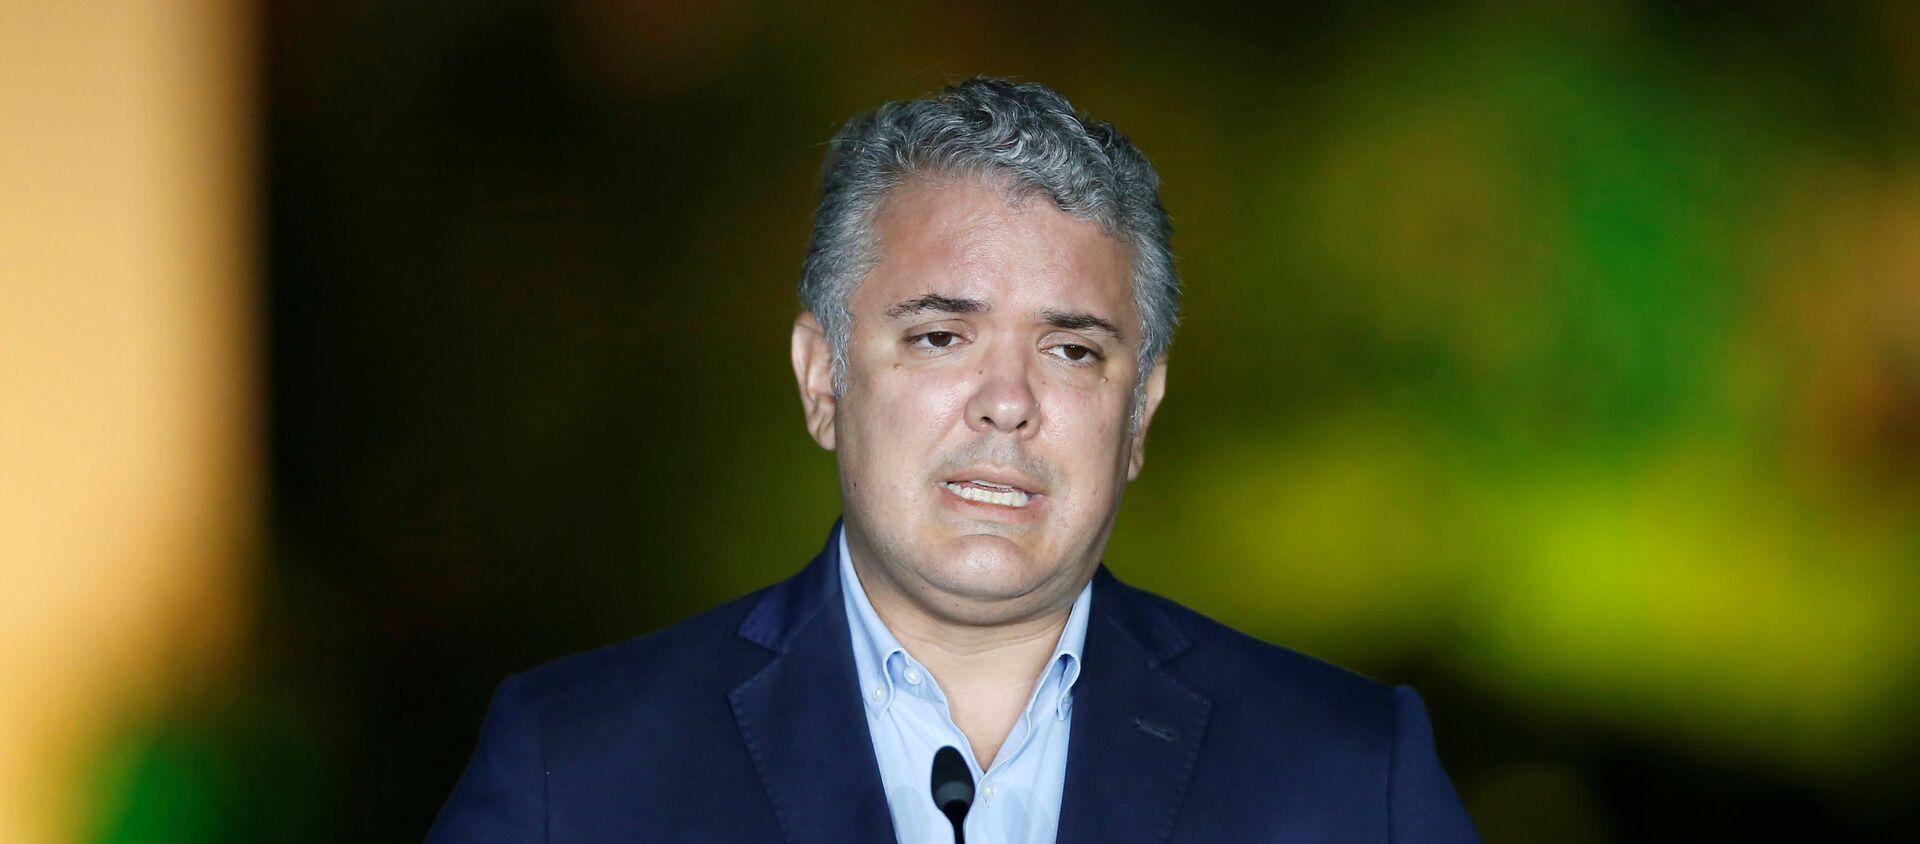 Iván Duque, presidente de Colombia - Sputnik Mundo, 1920, 11.12.2020